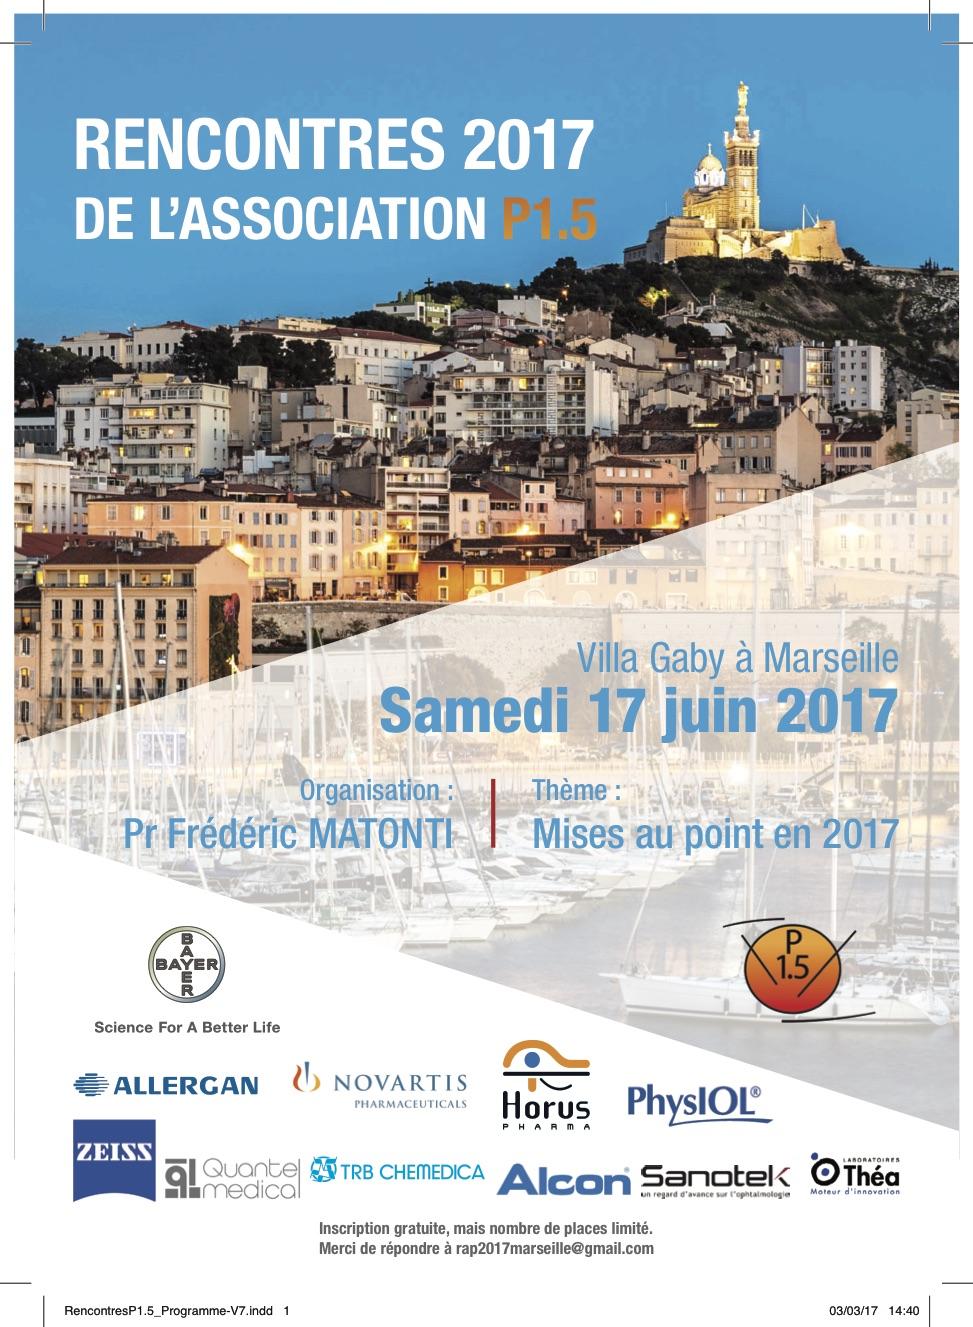 Rencontre 2017 de l 39 association p1 5 provence vision - Vision plus salon de provence ...